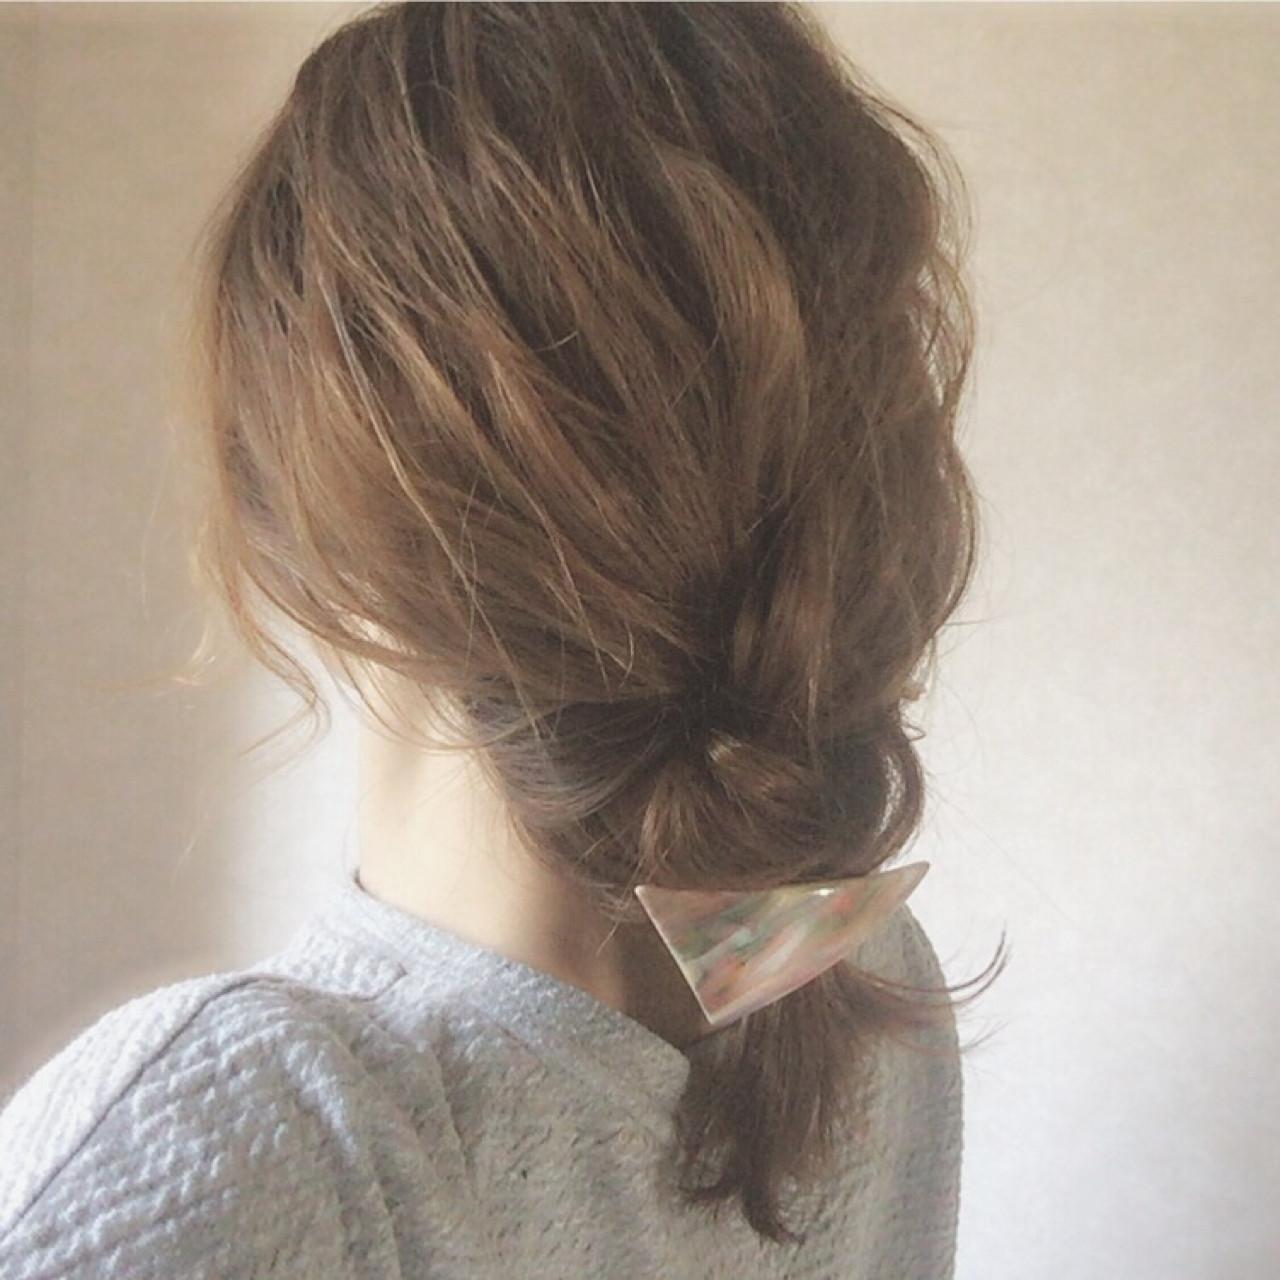 ボブでもできる簡単まとめ髪♡スッキリ可愛いアレンジを伝授 大西未紗 | HAIR LEAP